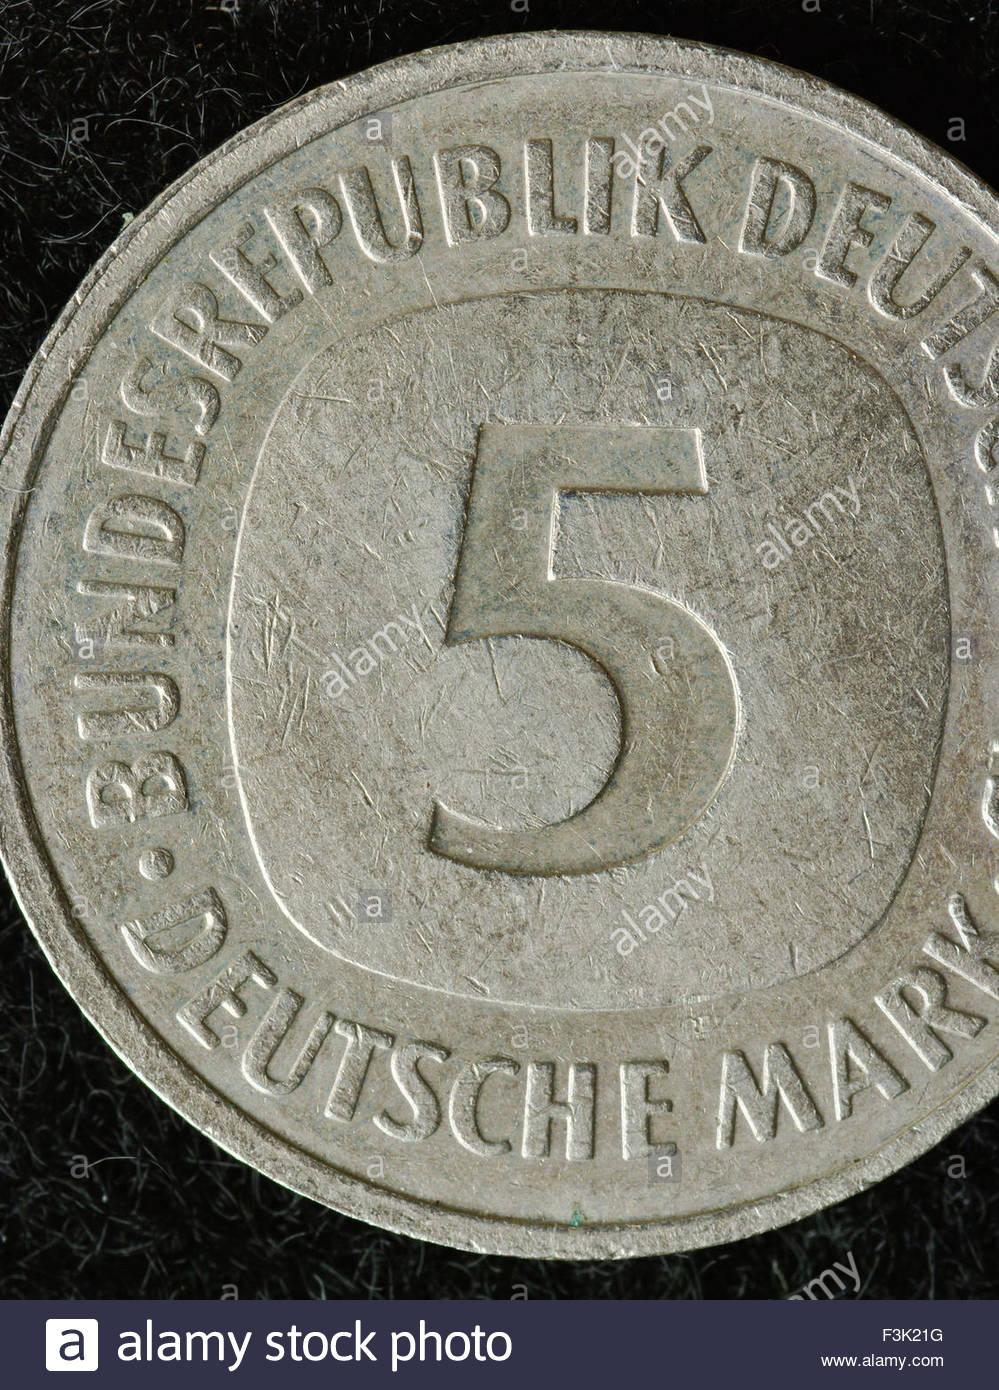 Marco alemán (DEM) es la moneda oficial de Alemania Occidental ...